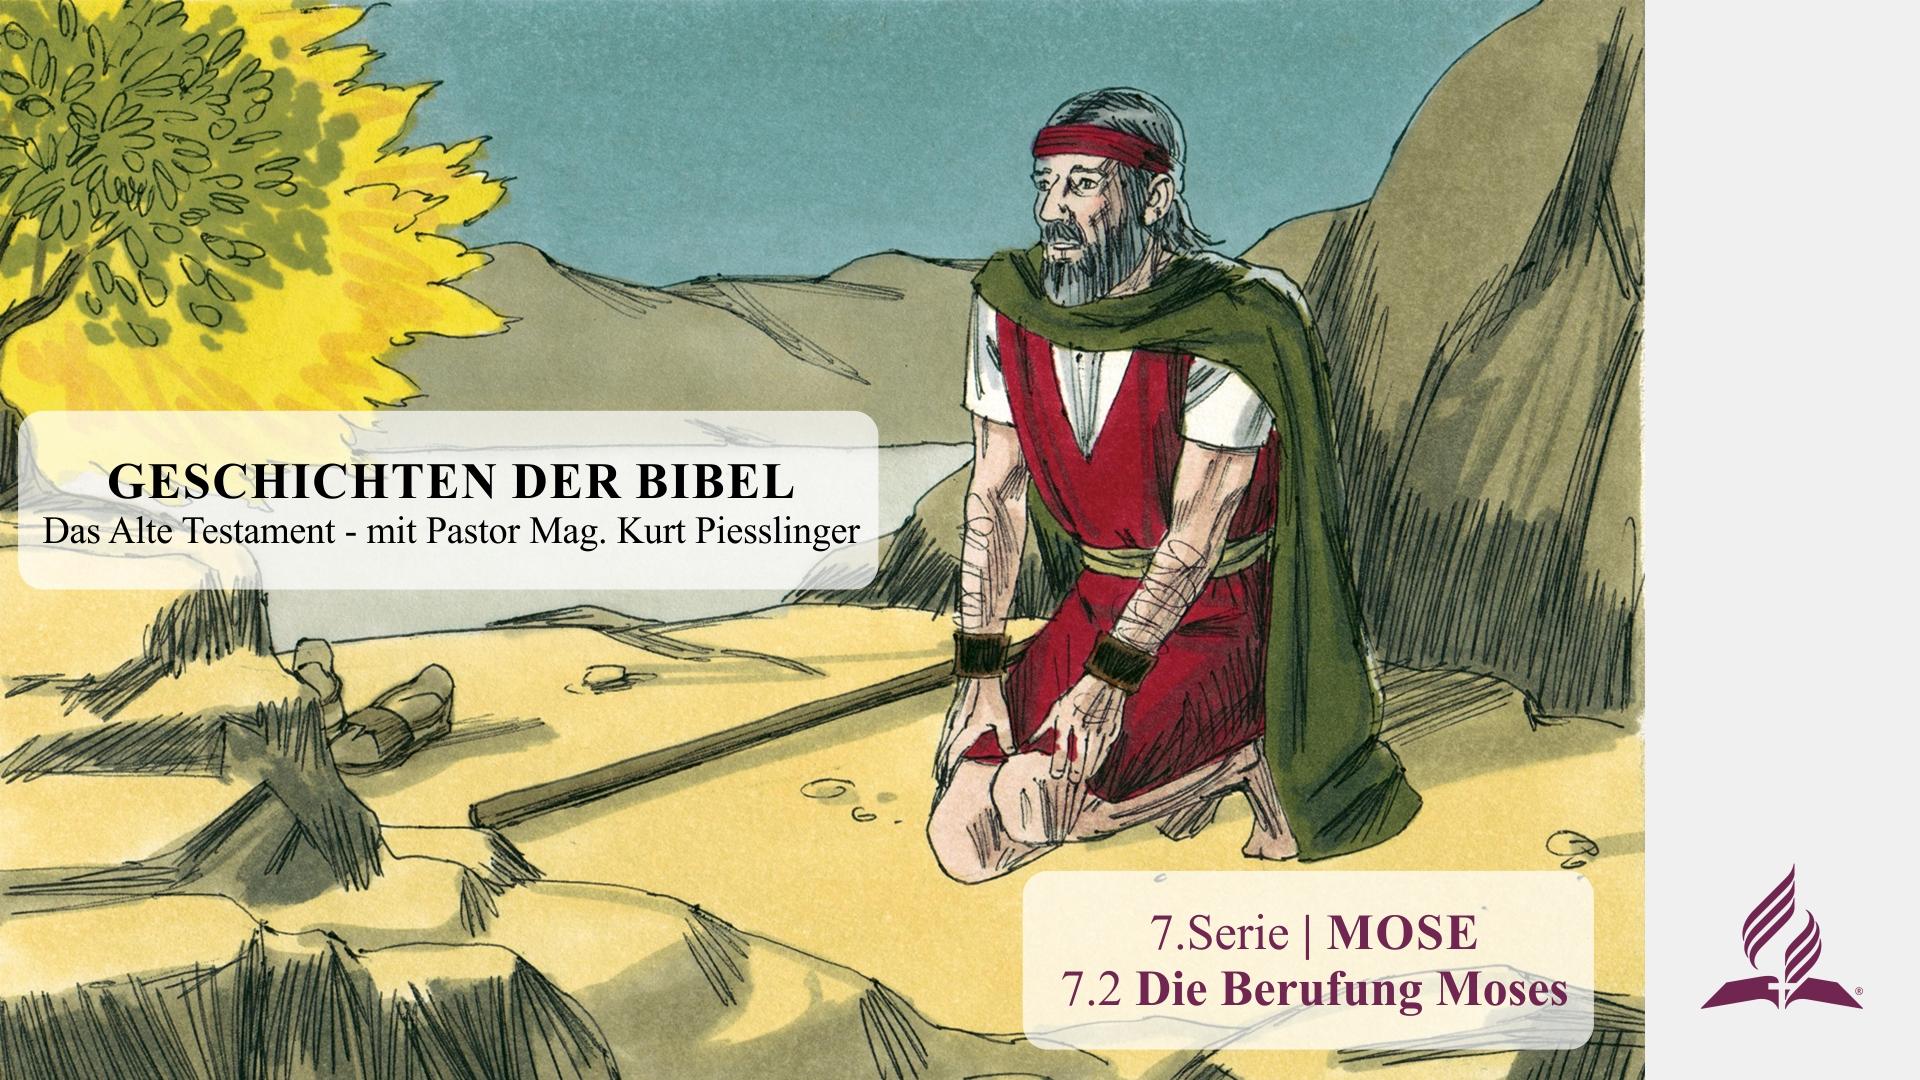 GESCHICHTEN DER BIBEL: 7.2 Die Berufung Moses – 7.MOSE | Pastor Mag. Kurt Piesslinger